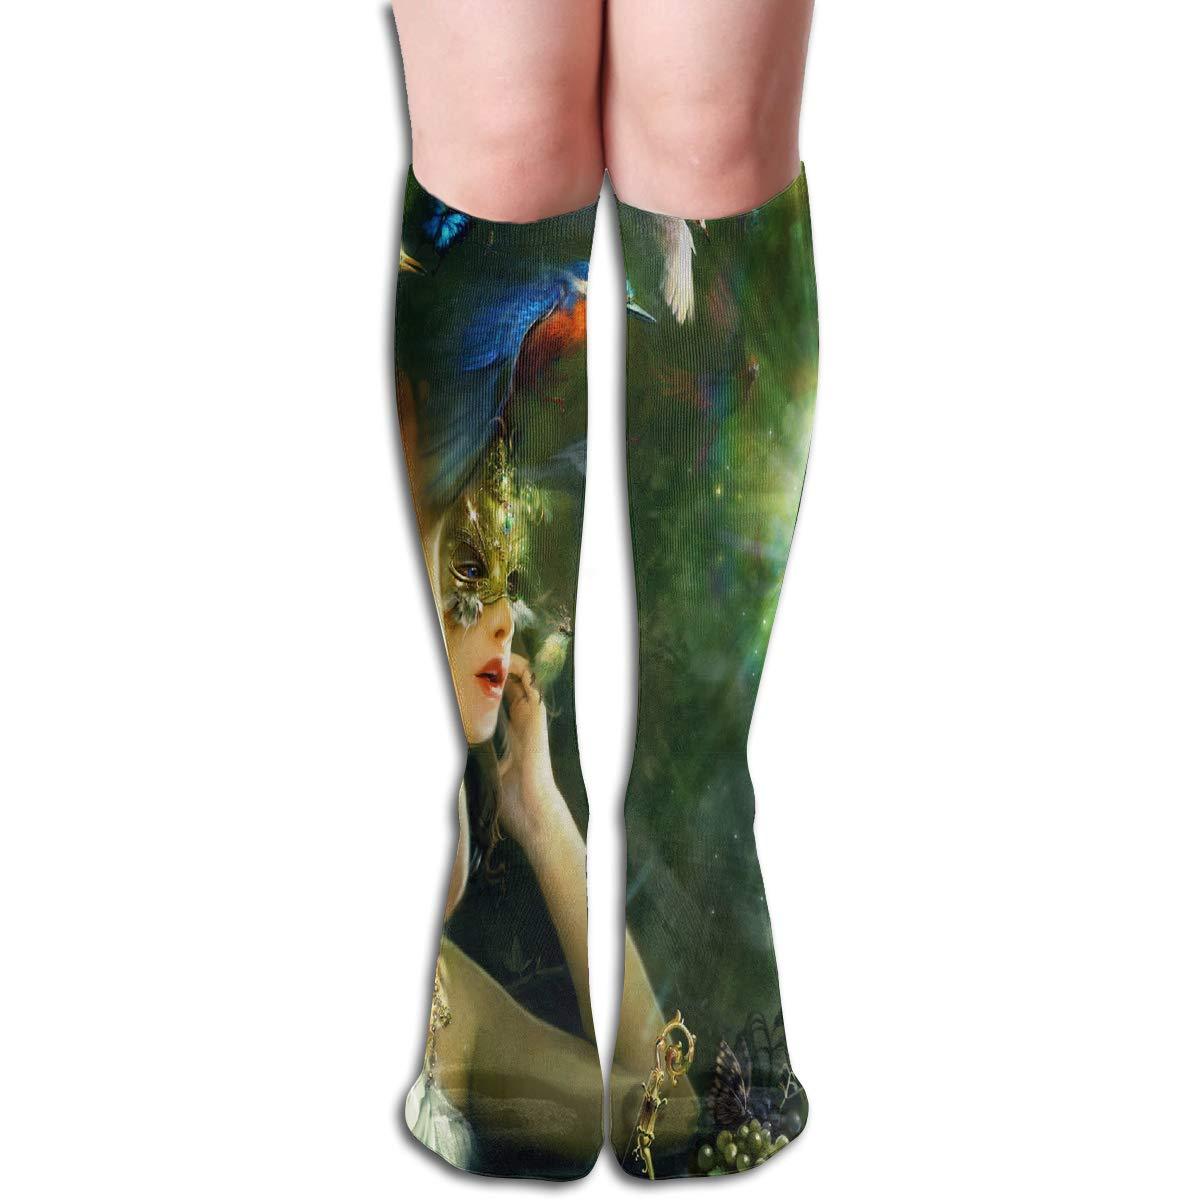 Women Socks Over Knee Fall Leaves Autumn Winter Marvellous For Festive